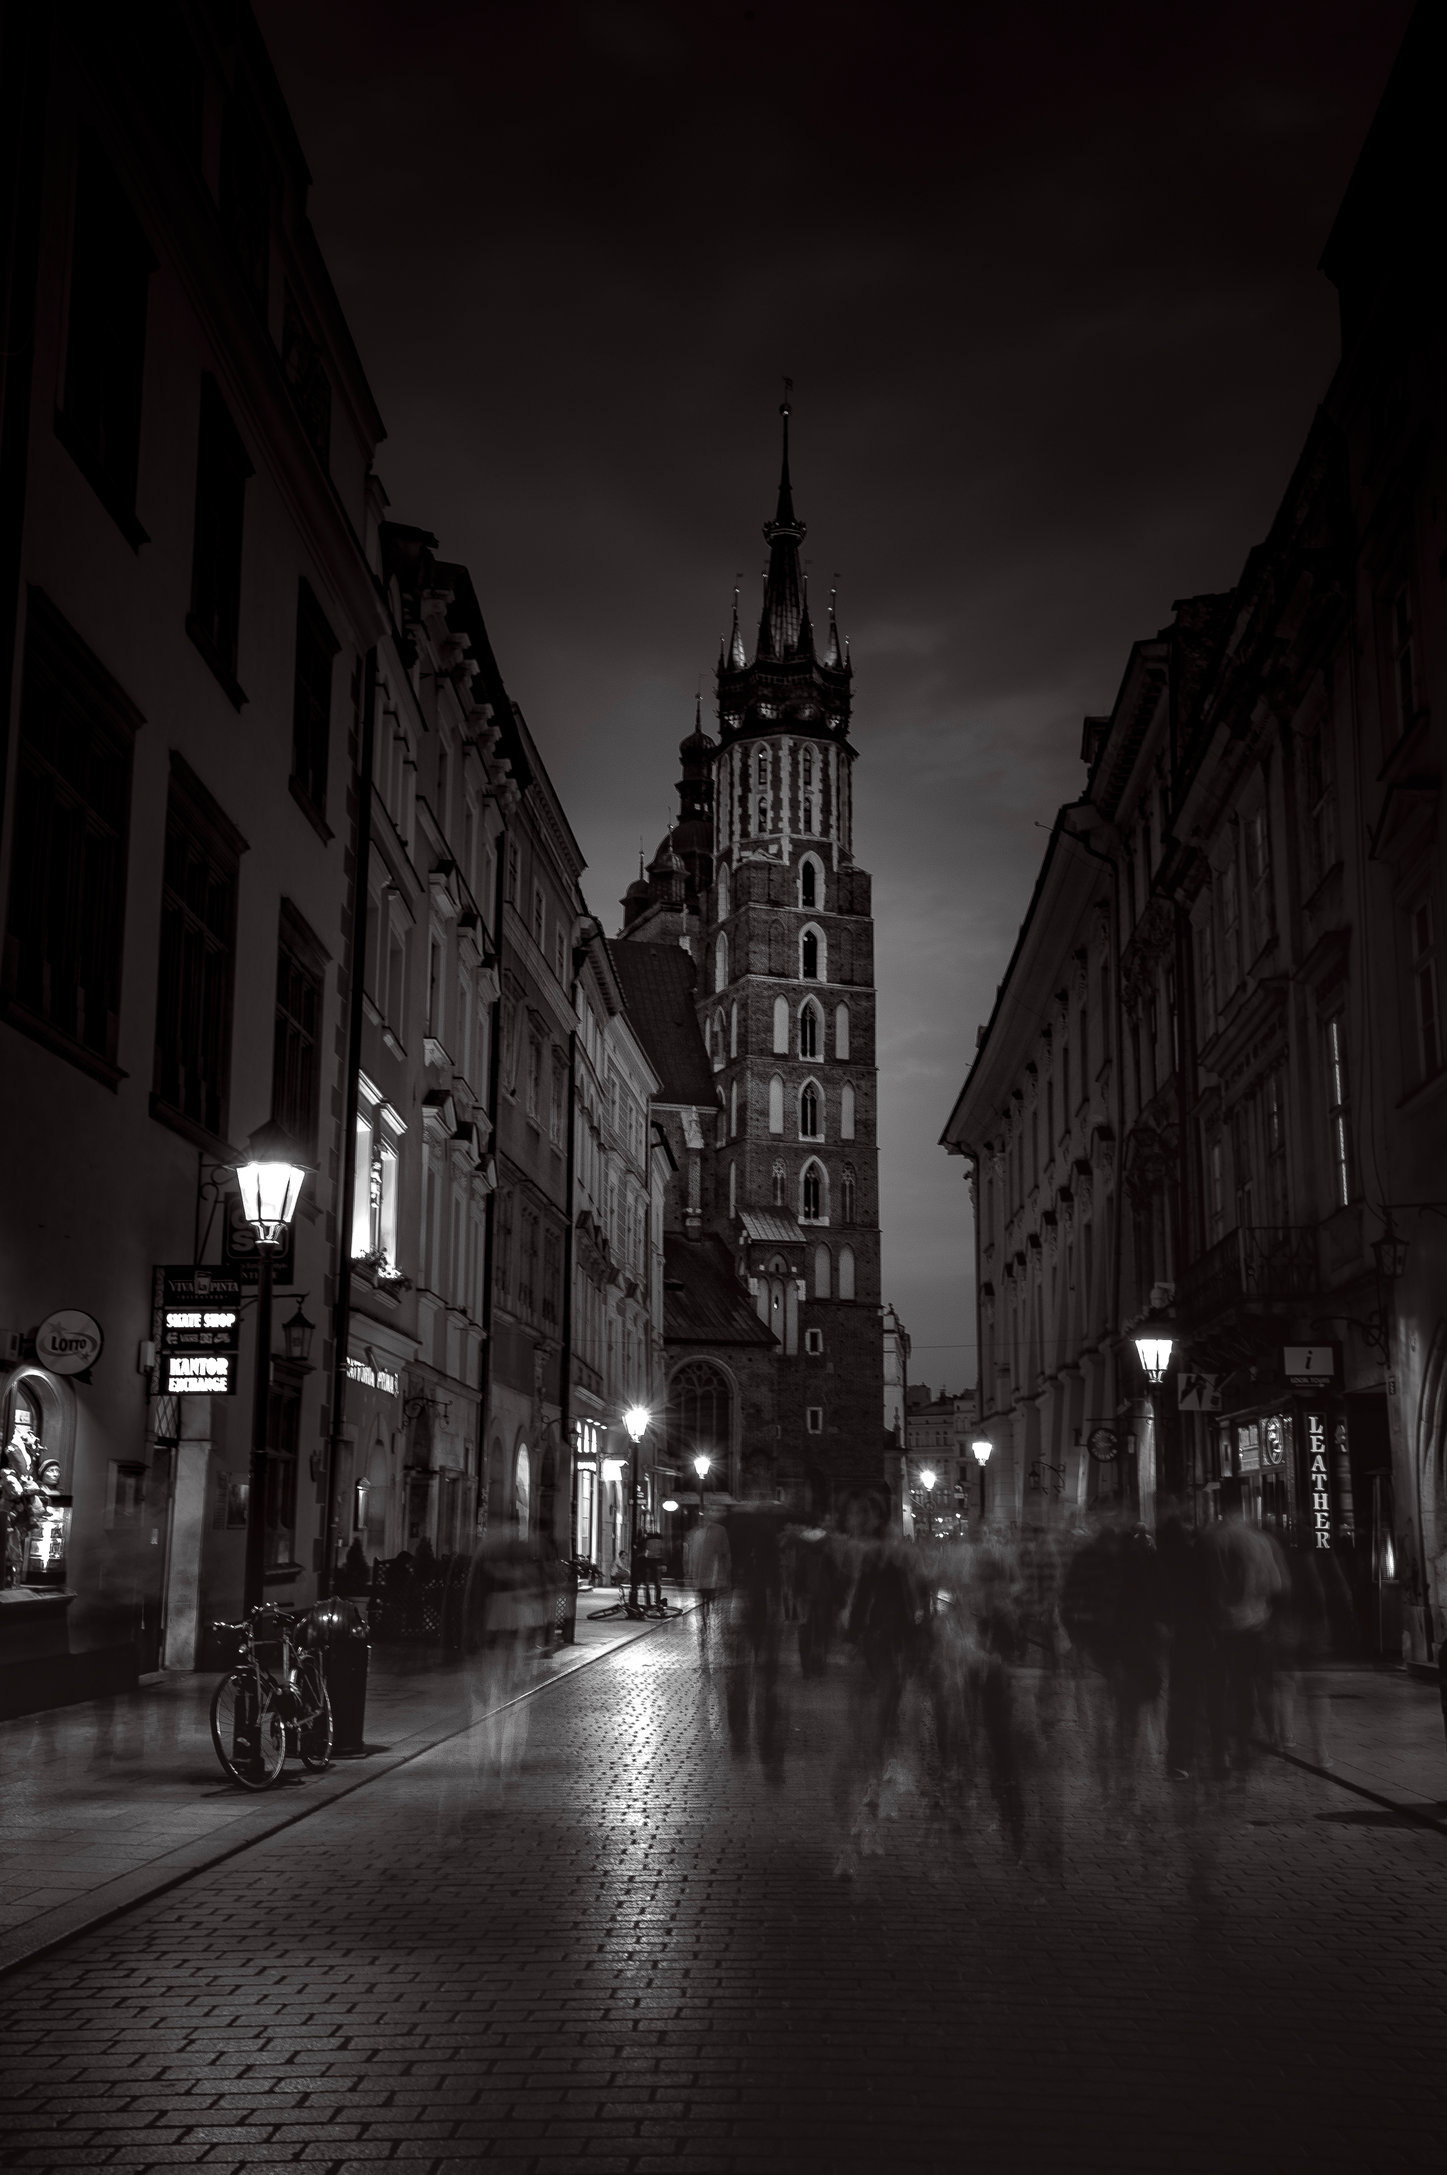 Floriańska-MASTER COPY.jpg